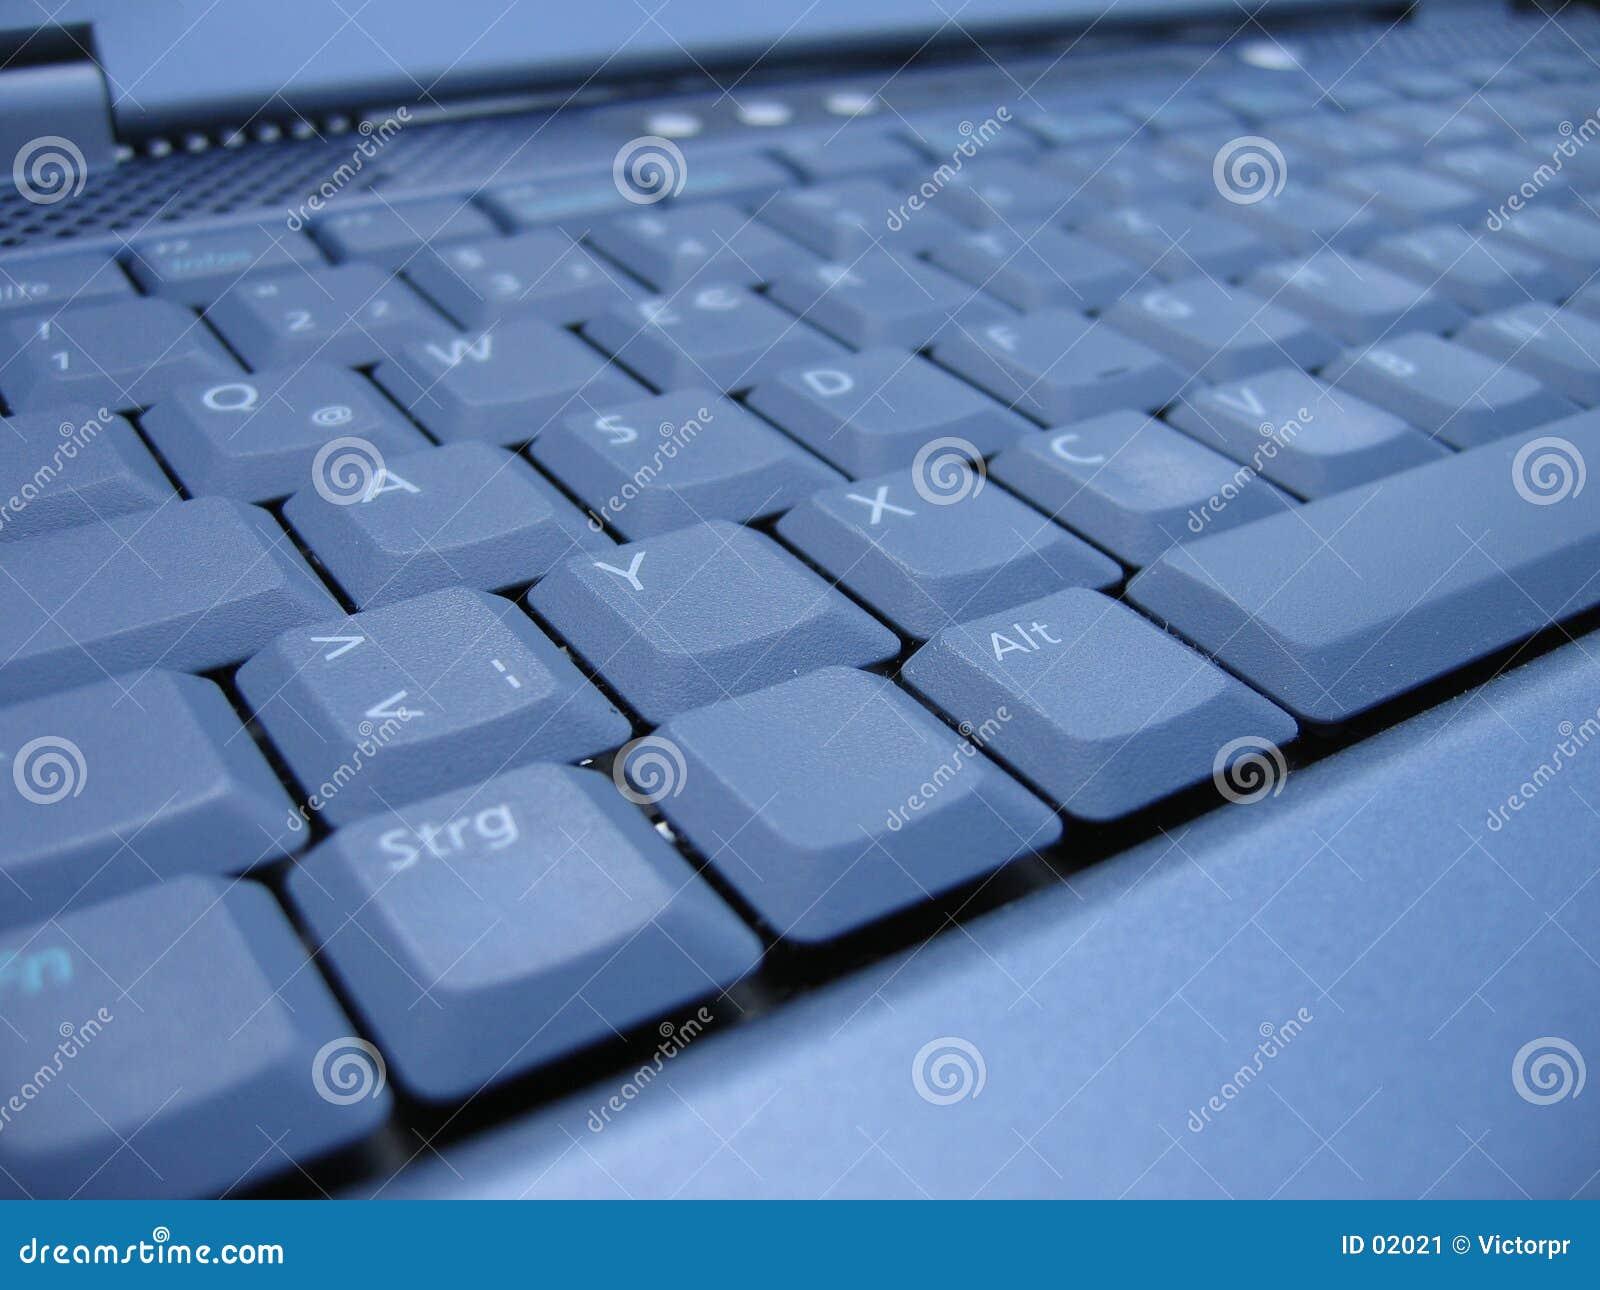 Laptops keyboard